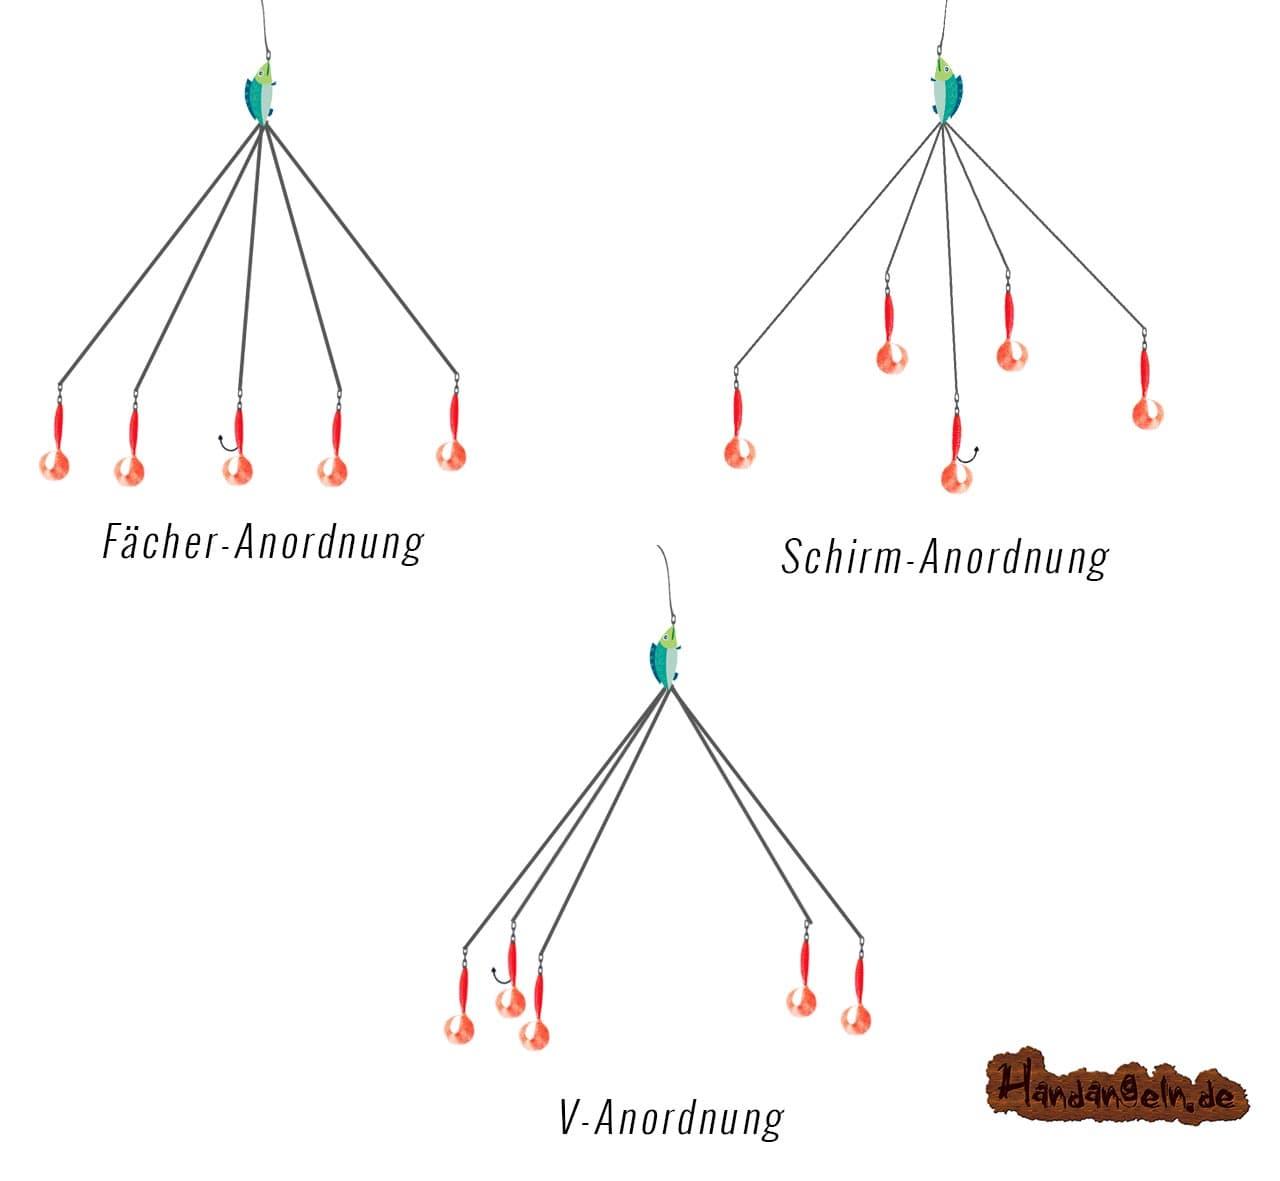 Umbrella Rig Anordnung